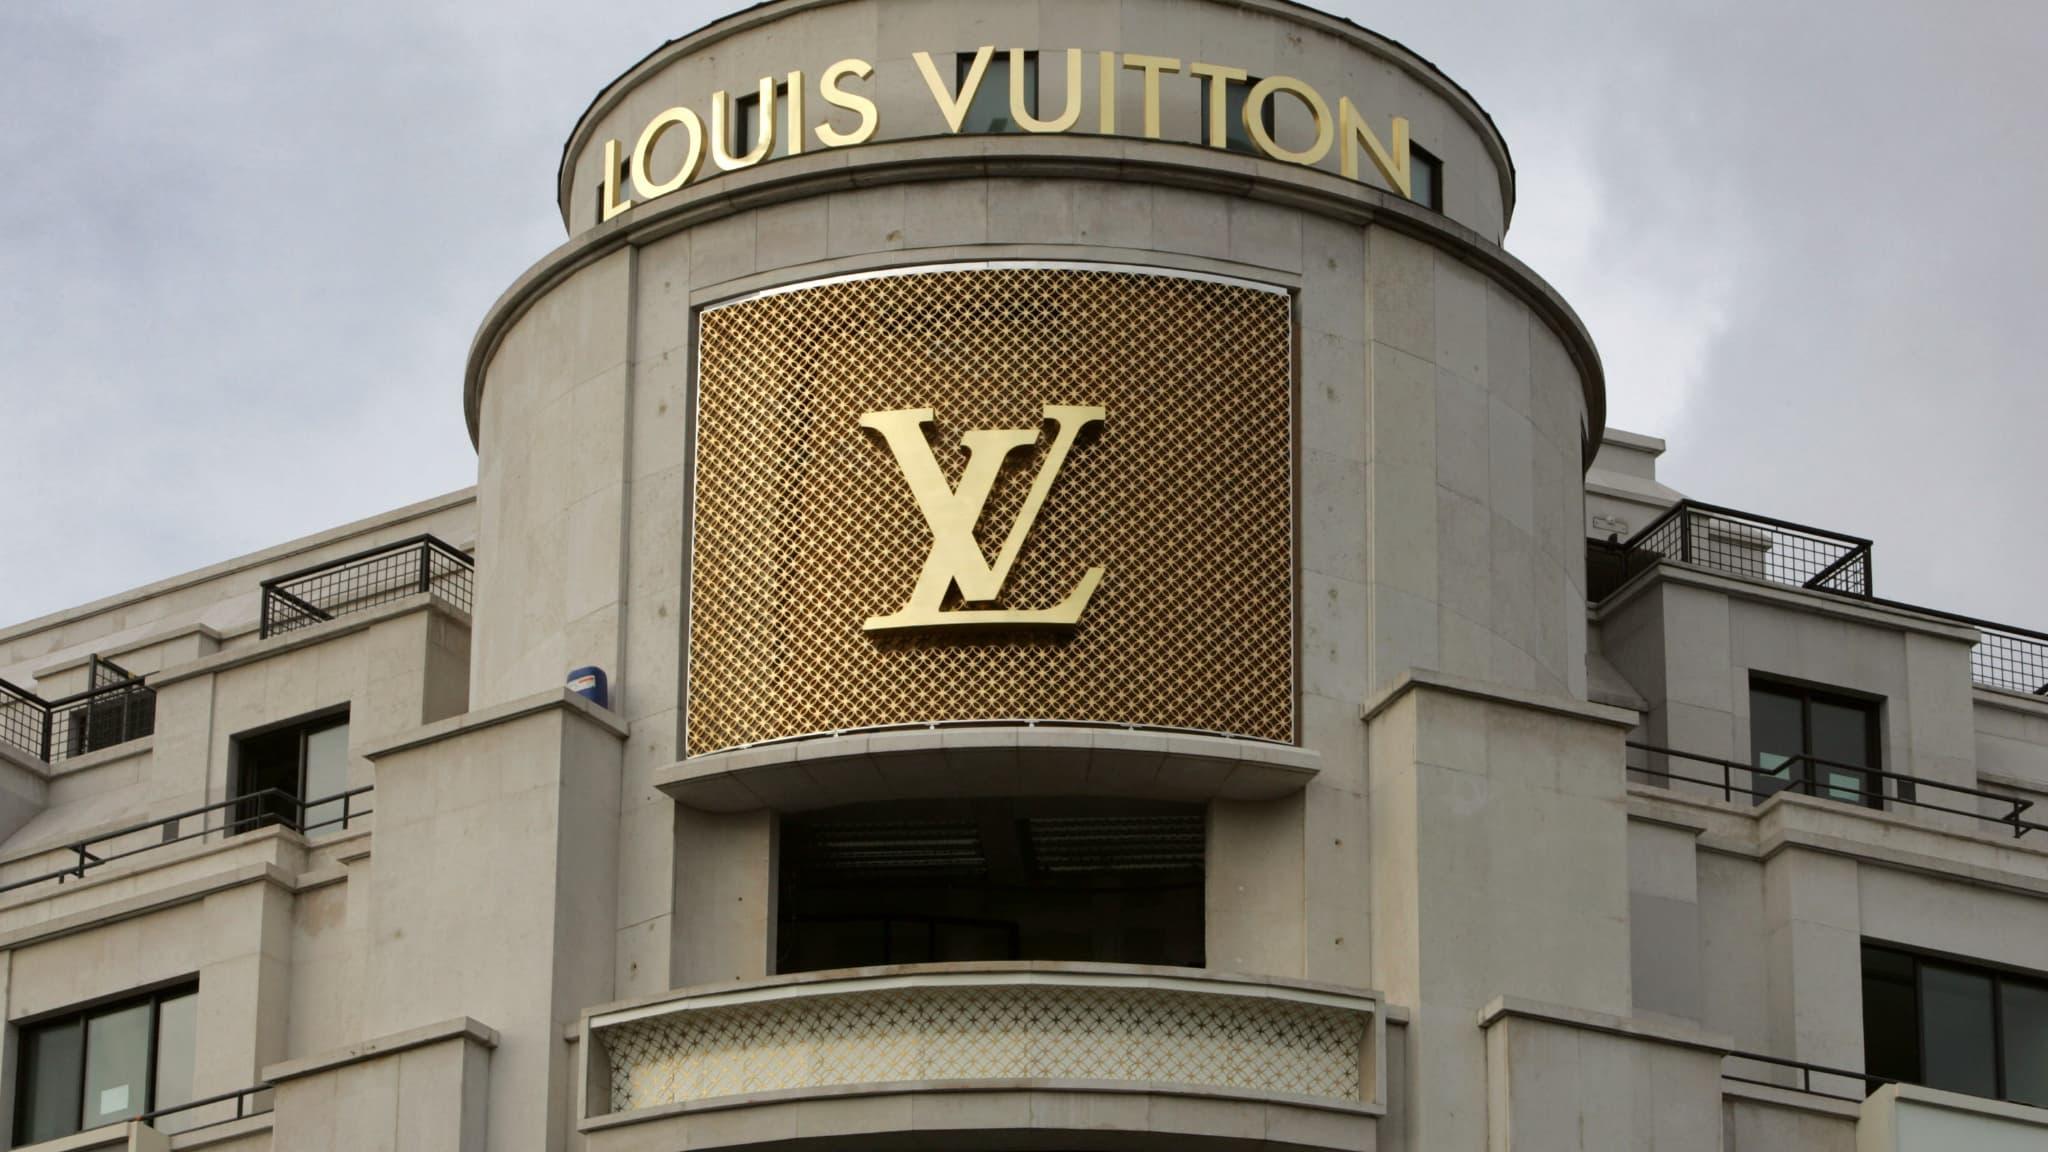 La ville de Vendôme cède son nom à LVMH contre 10.000 euros et des emplois - BFMTV